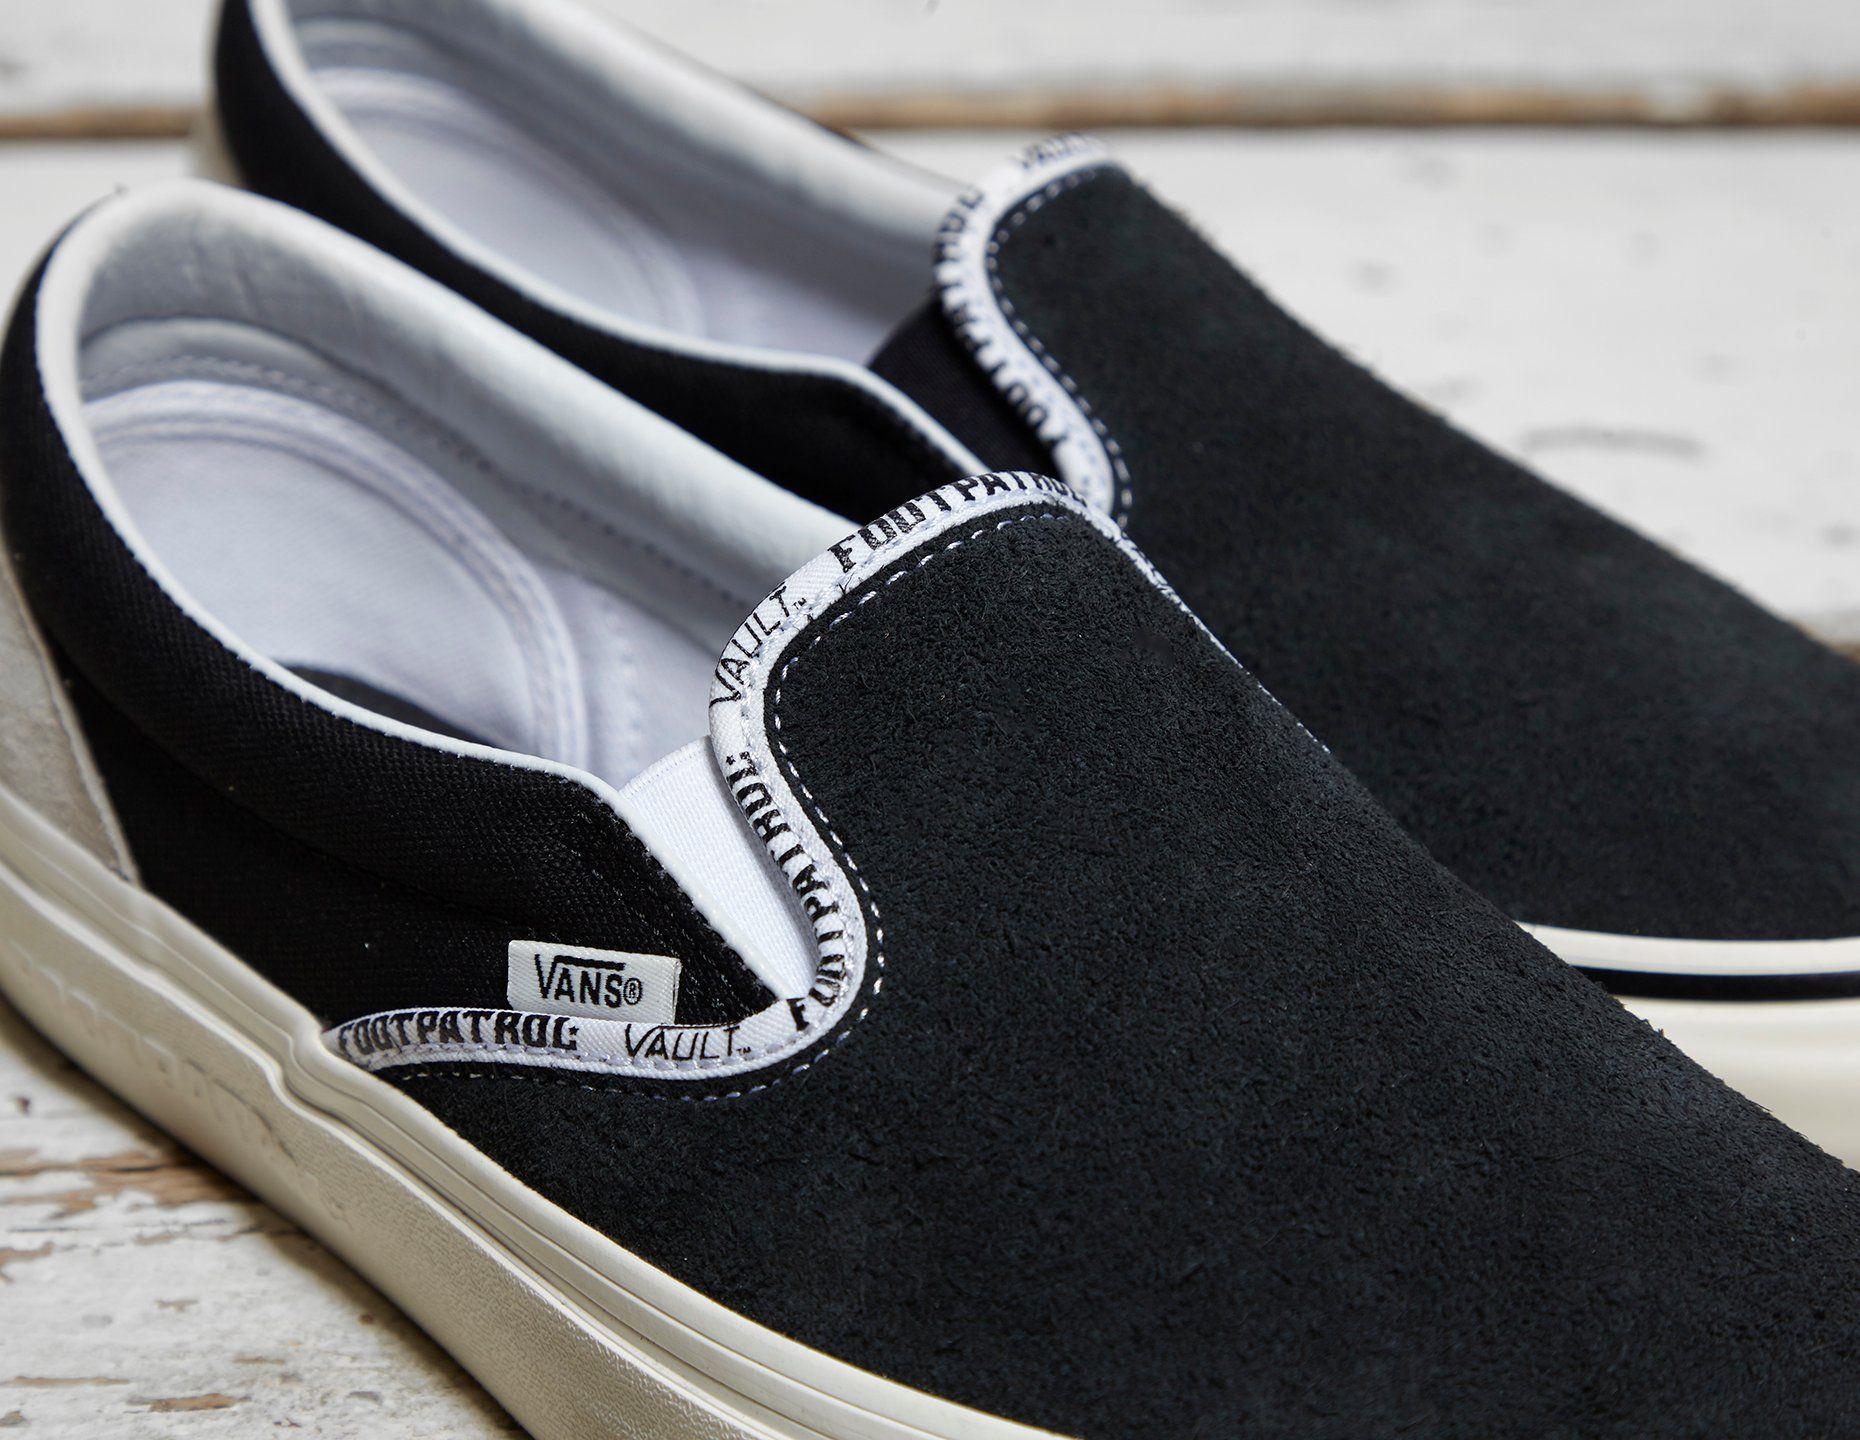 Vault by Vans x Footpatrol Slip-On LX